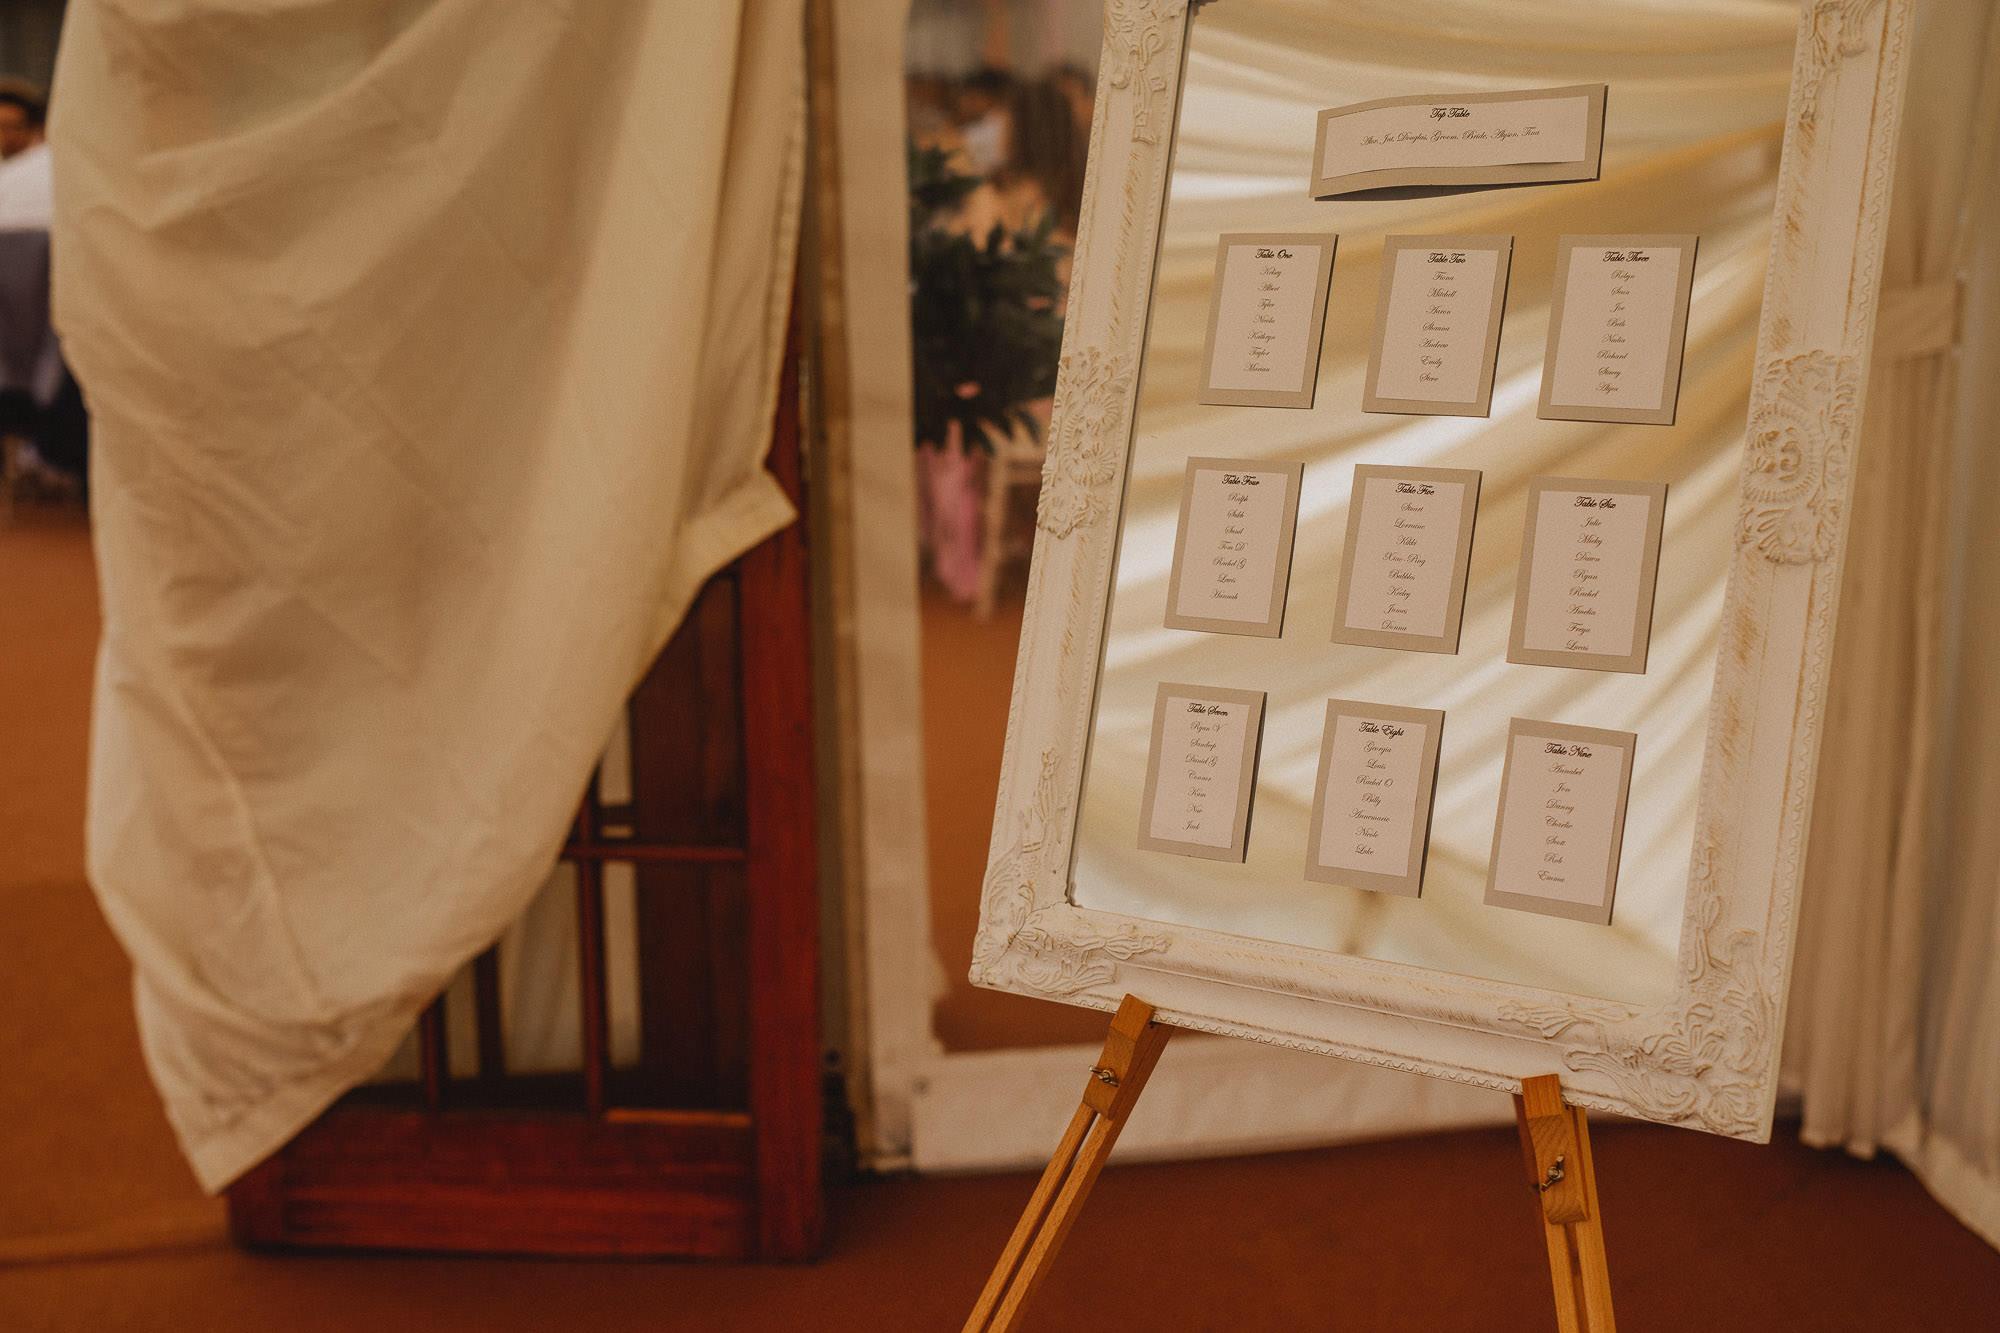 Groombridge-place-wedding-photography-76.jpg